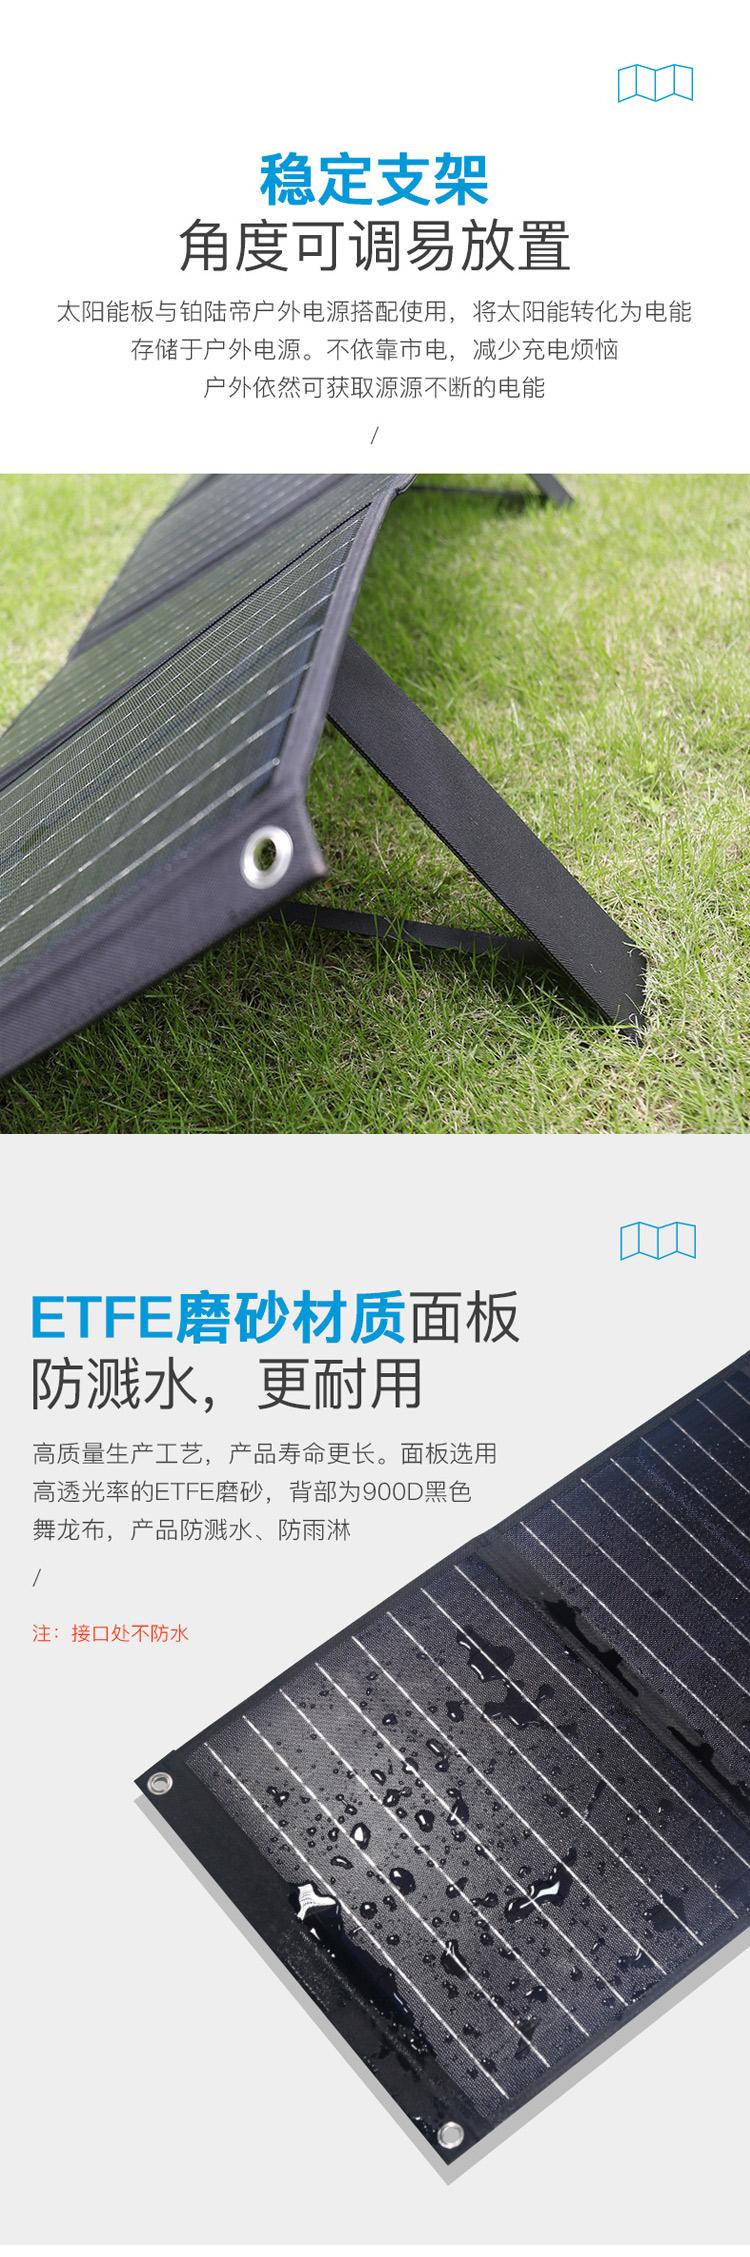 太阳能板详情图_08.jpg